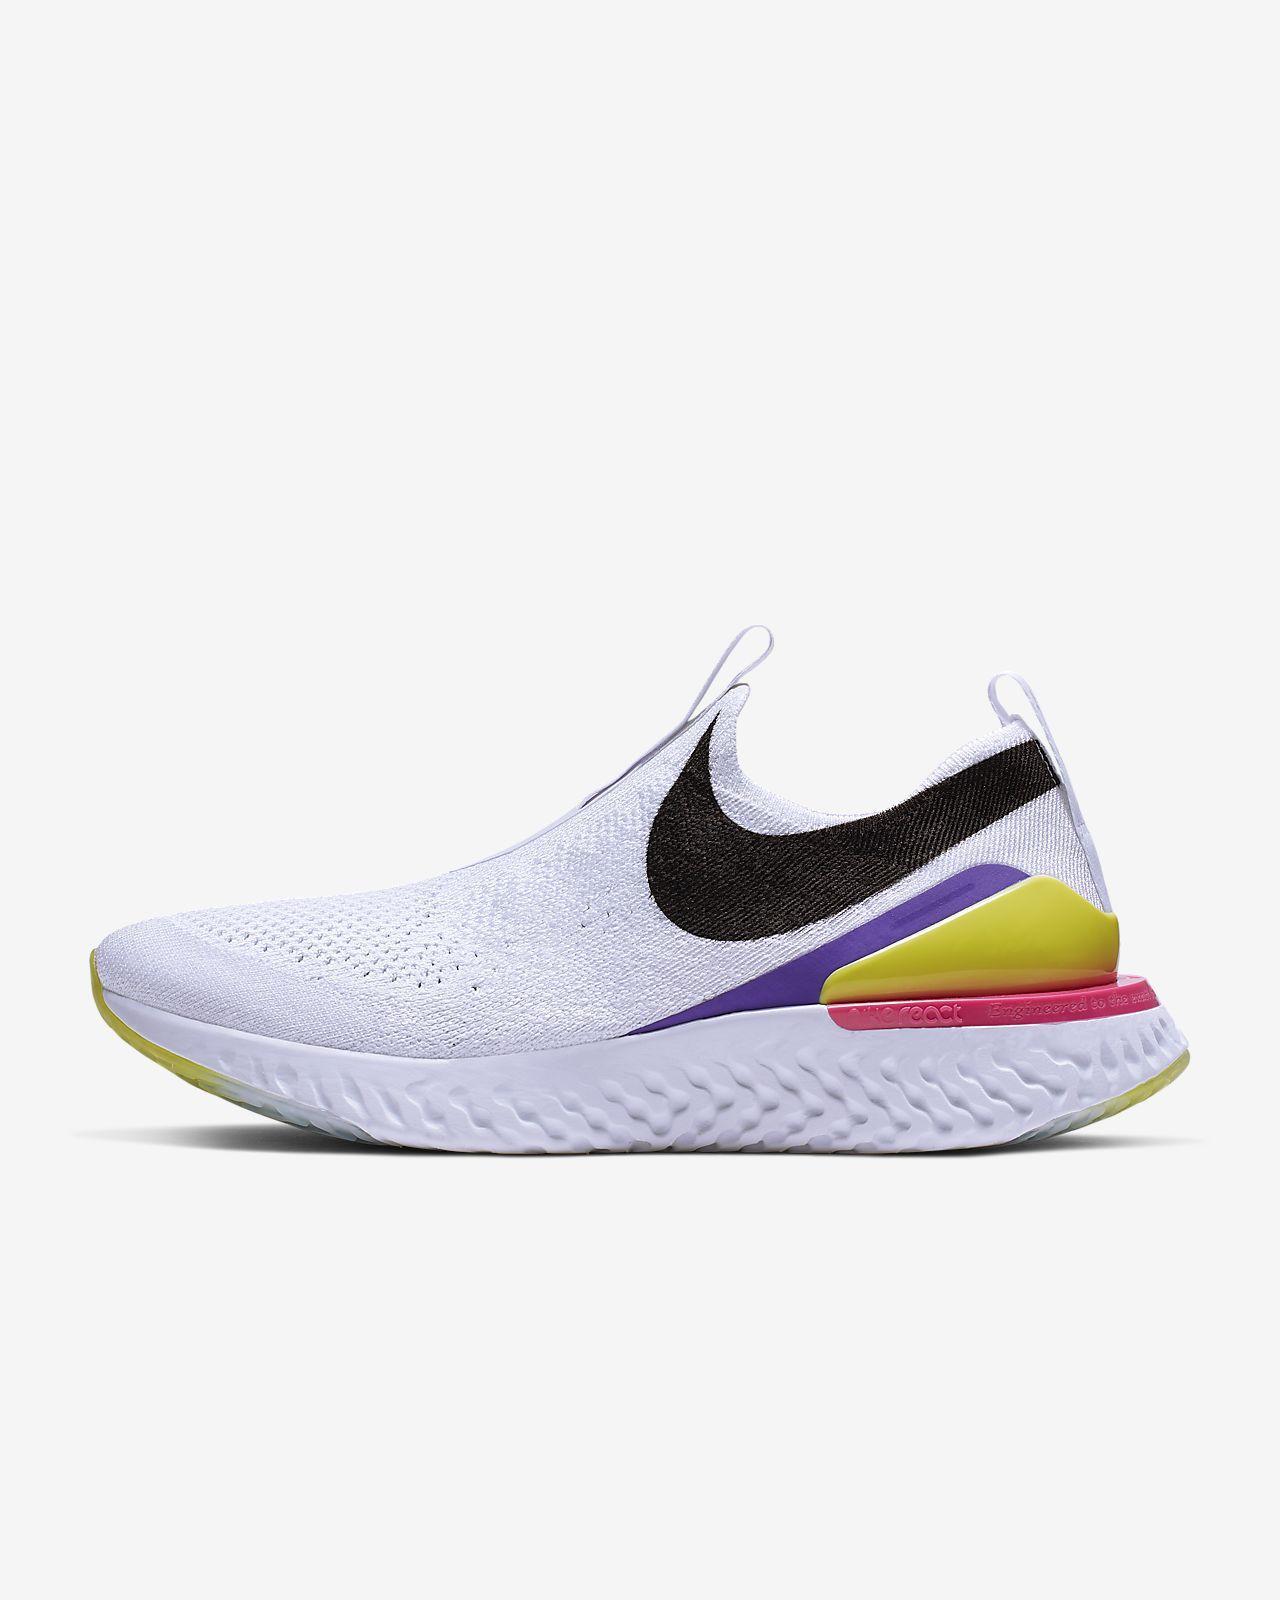 Löparsko Nike Epic Phantom React för kvinnor